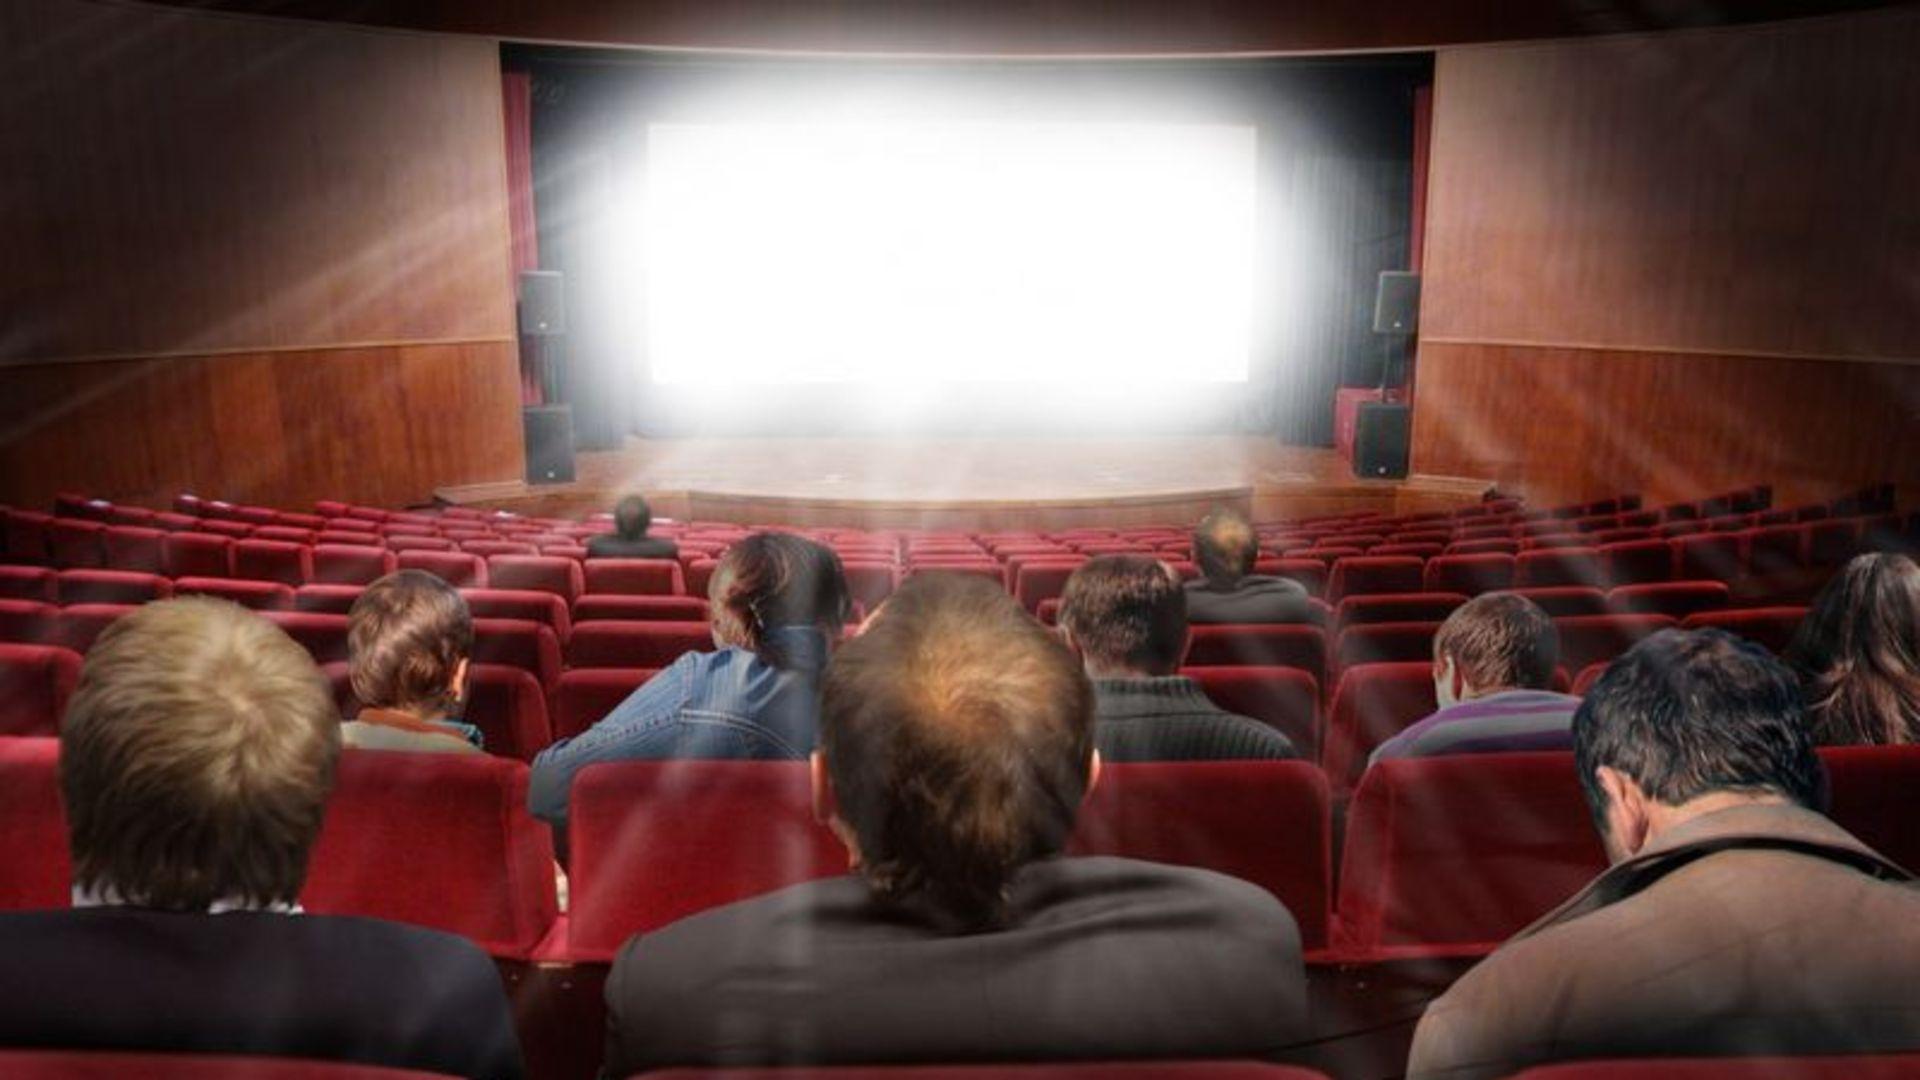 Sinema sektöründen açılmayla ilgili yeni talep